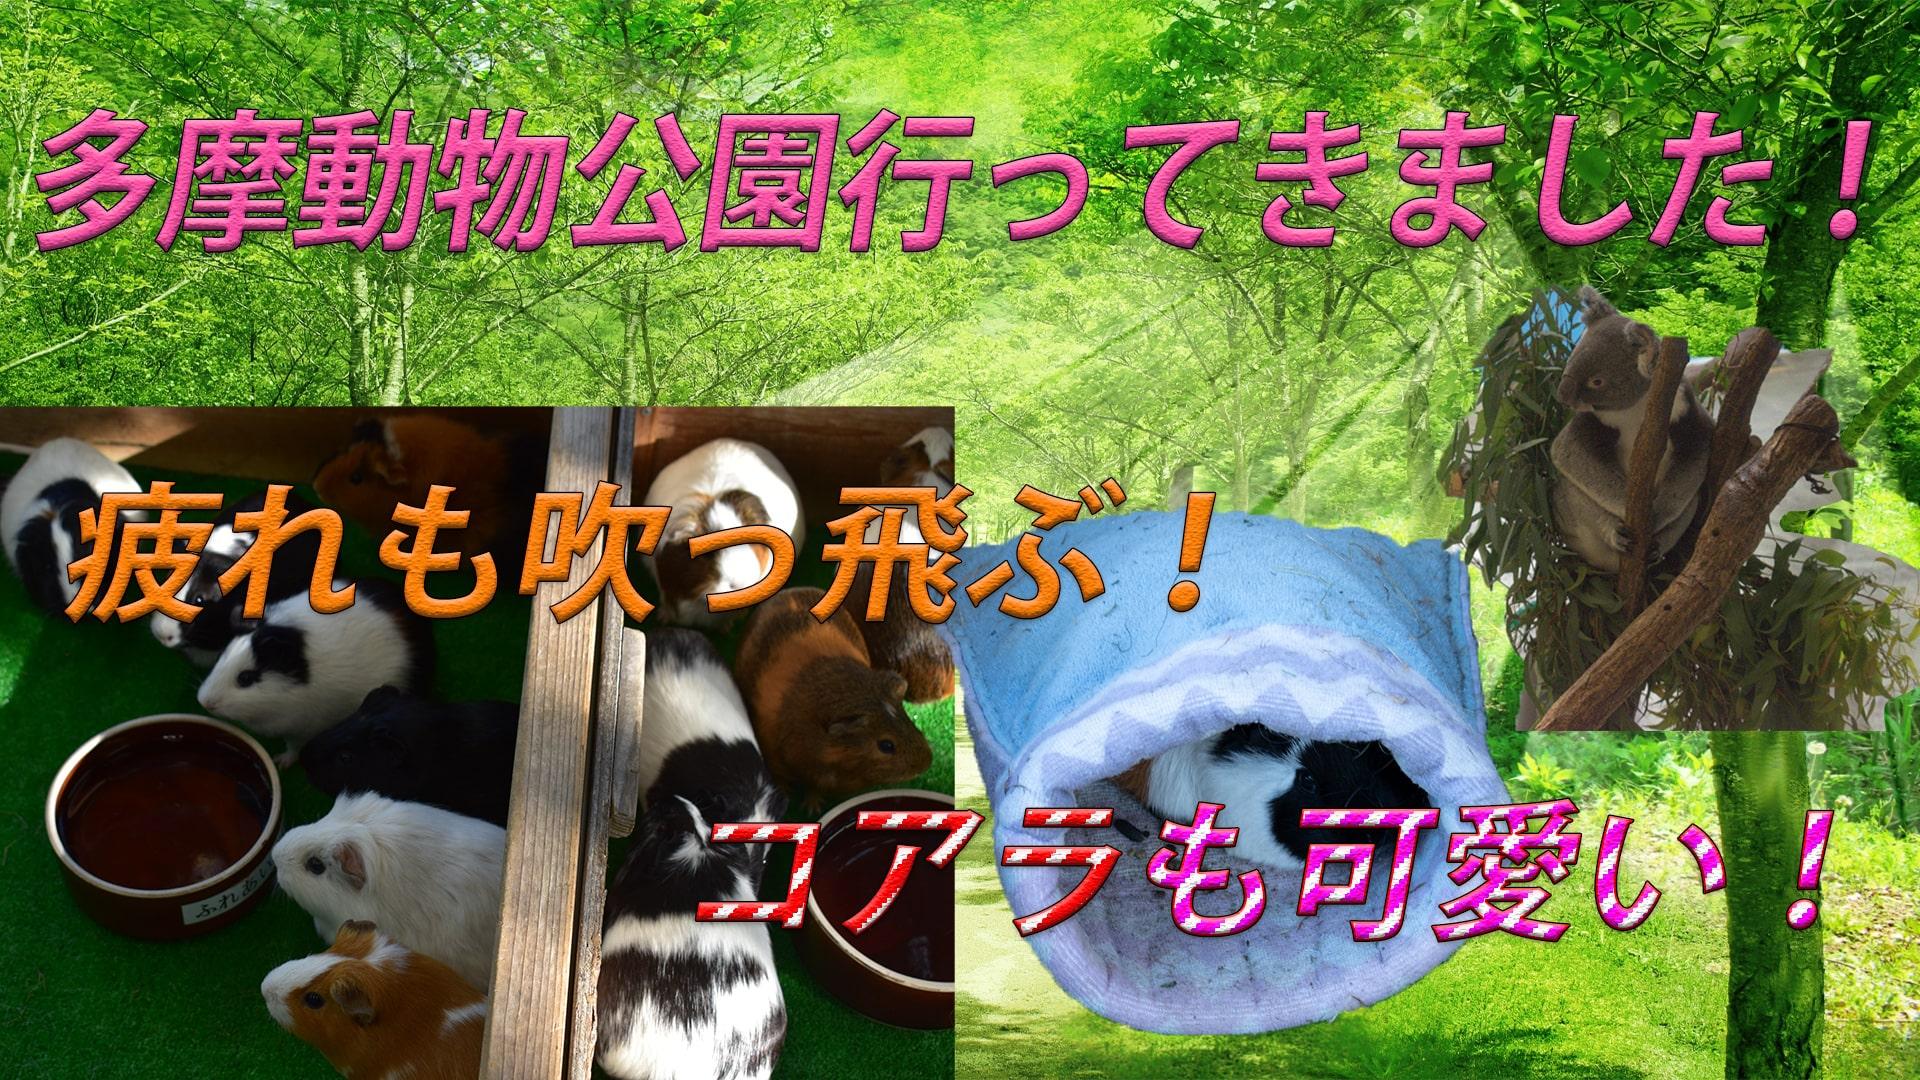 多摩動物公園に行ってきました!モルモットの〇〇がズボンに。。